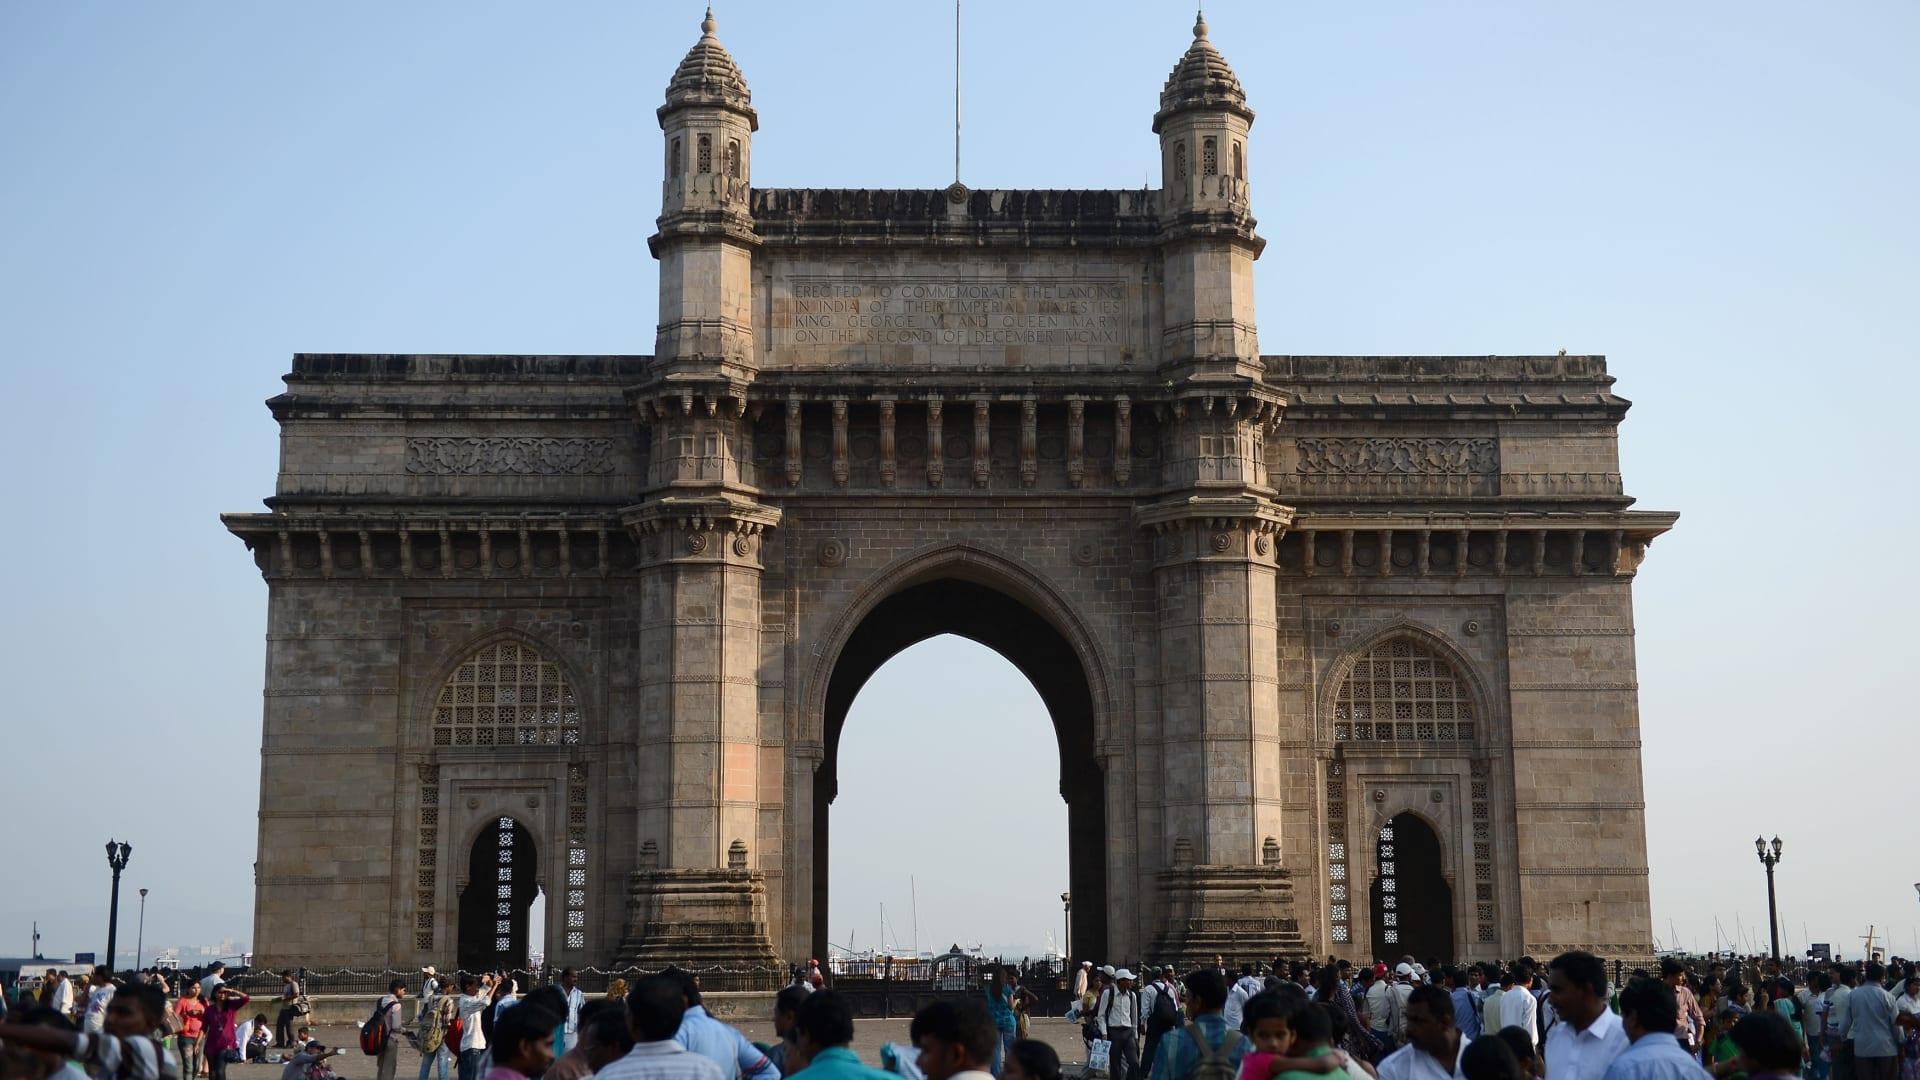 رحلة فاخرة في مومباي بدون إنفاق ثروة.. هل هو أمر ممكن؟